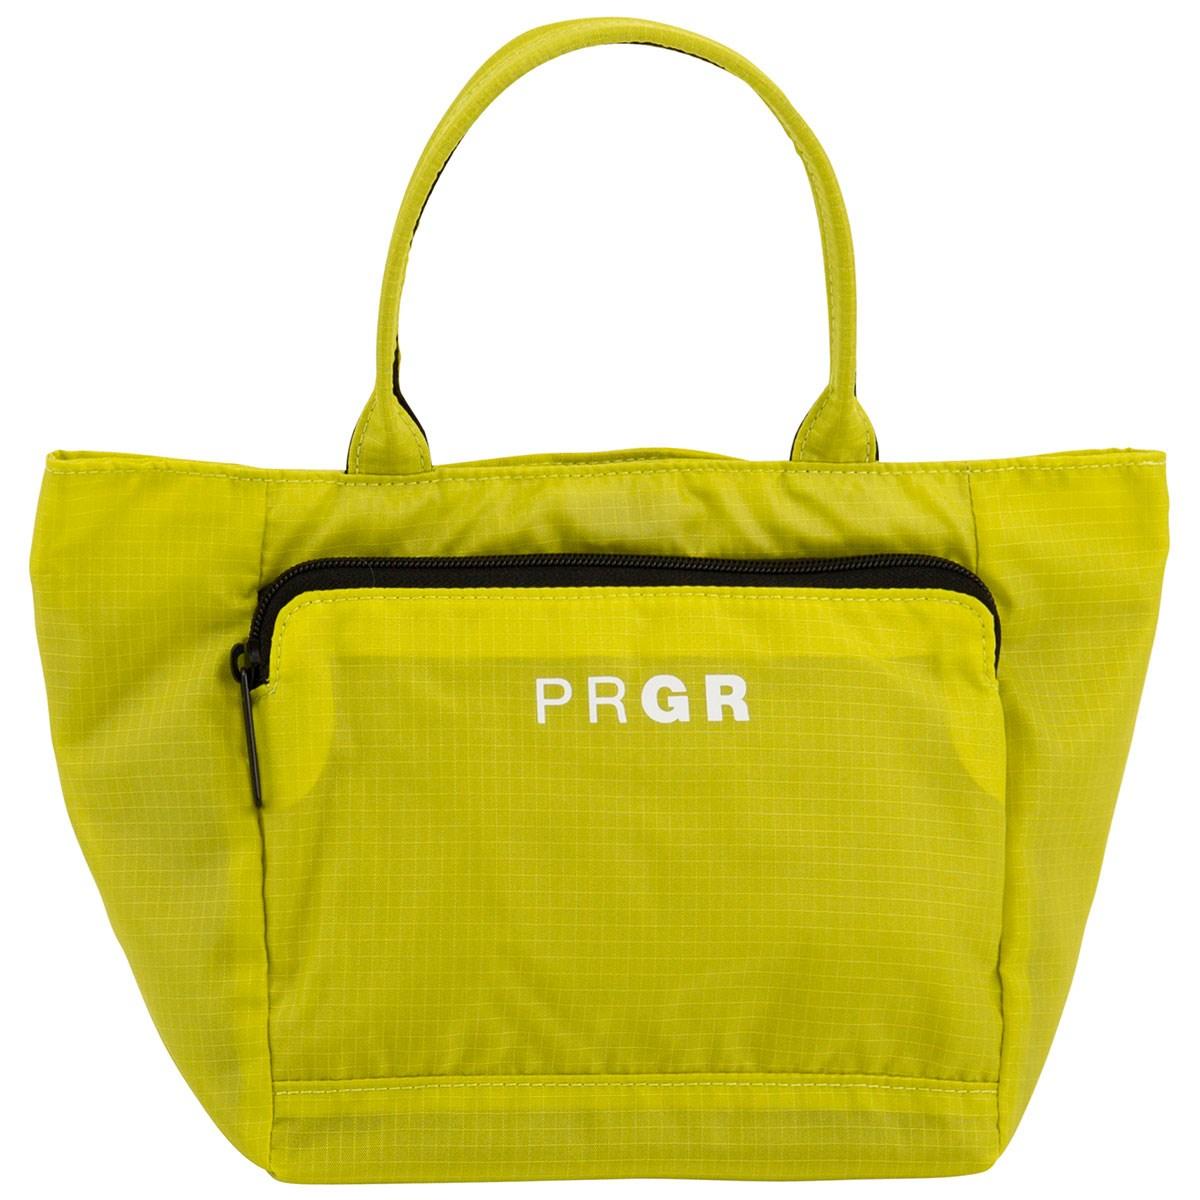 プロギア(PRGR) スタンダードカラーモデル ラウンドバッグ